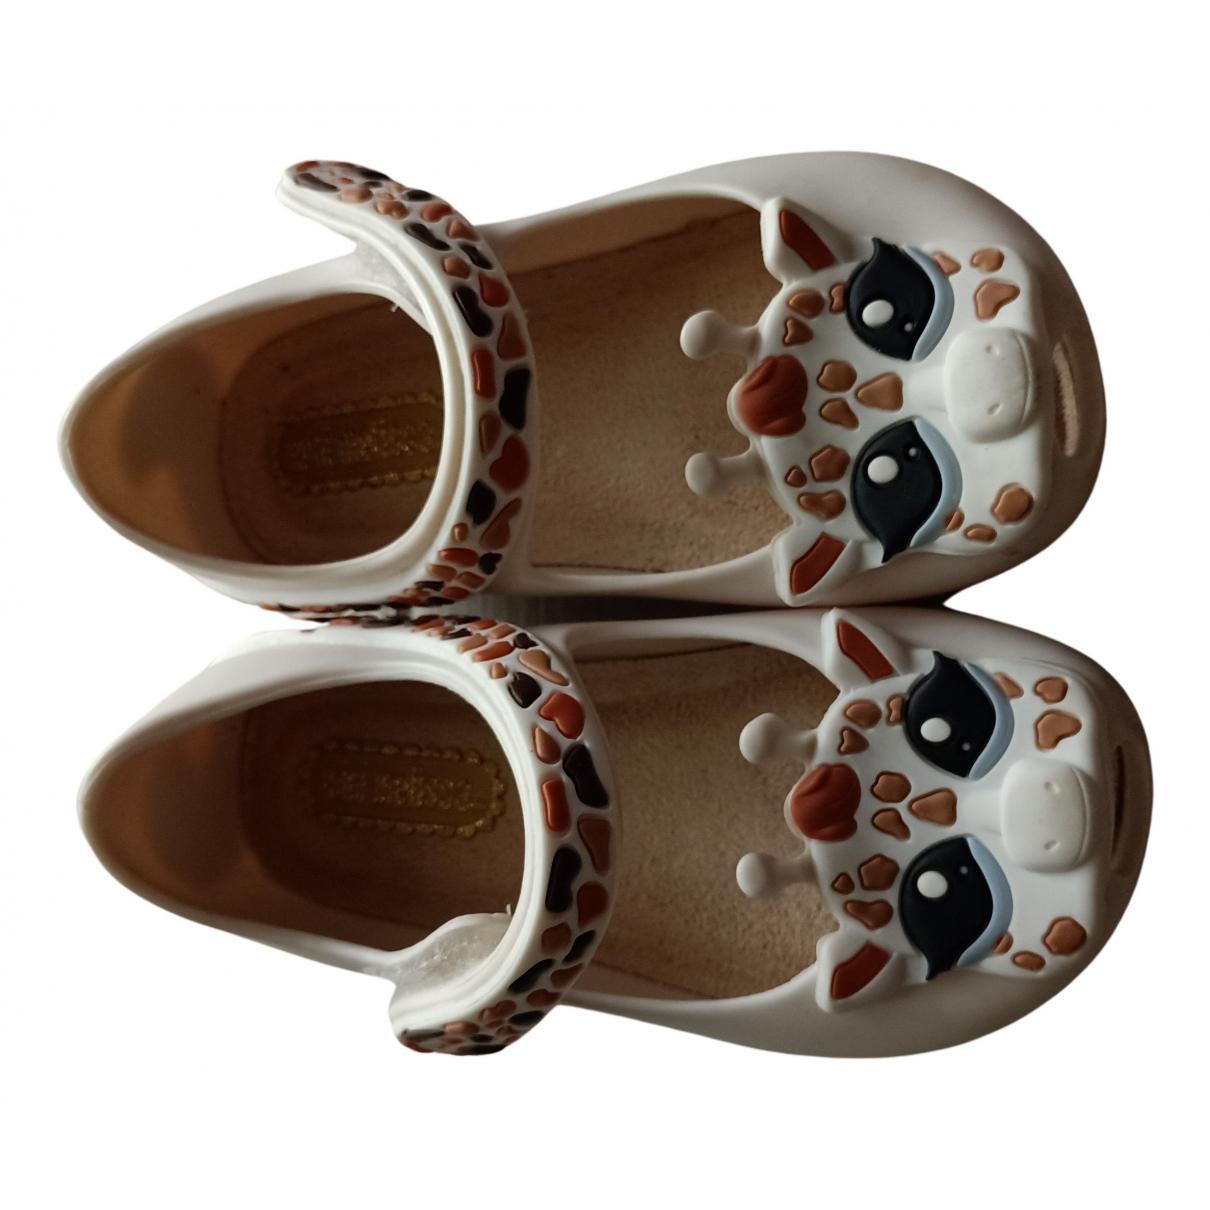 Melissa N White Rubber Ballet flats for Kids 4.5 UK